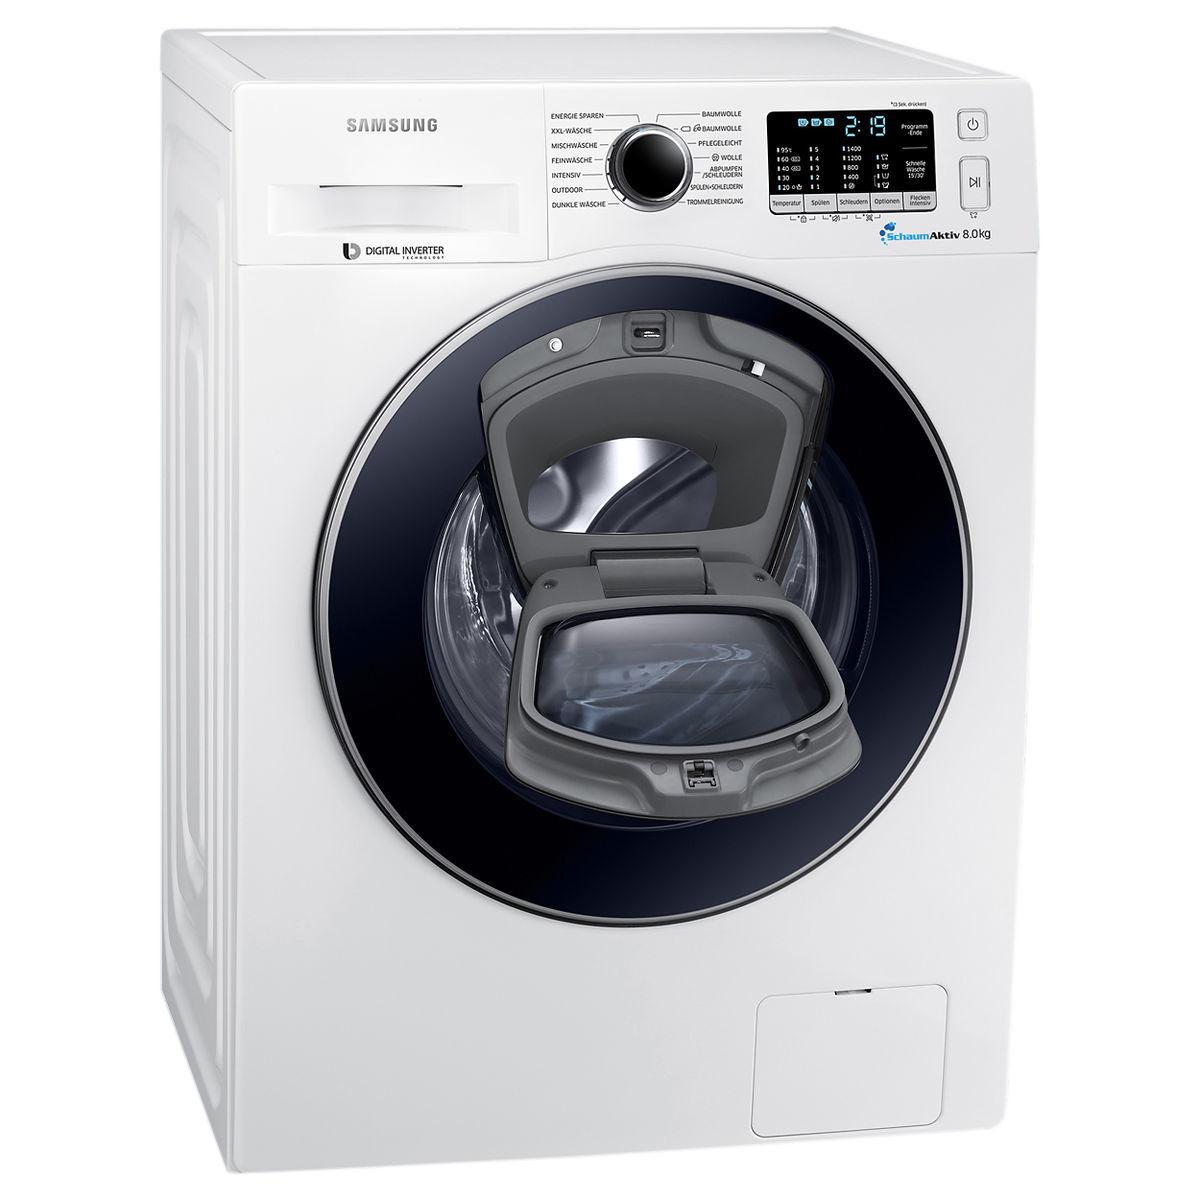 Samsung WW80K5400UW/EG Waschmaschine A+++ 8KG inkl. Lieferung mit Newsletteranmeldung [KARSTADT]